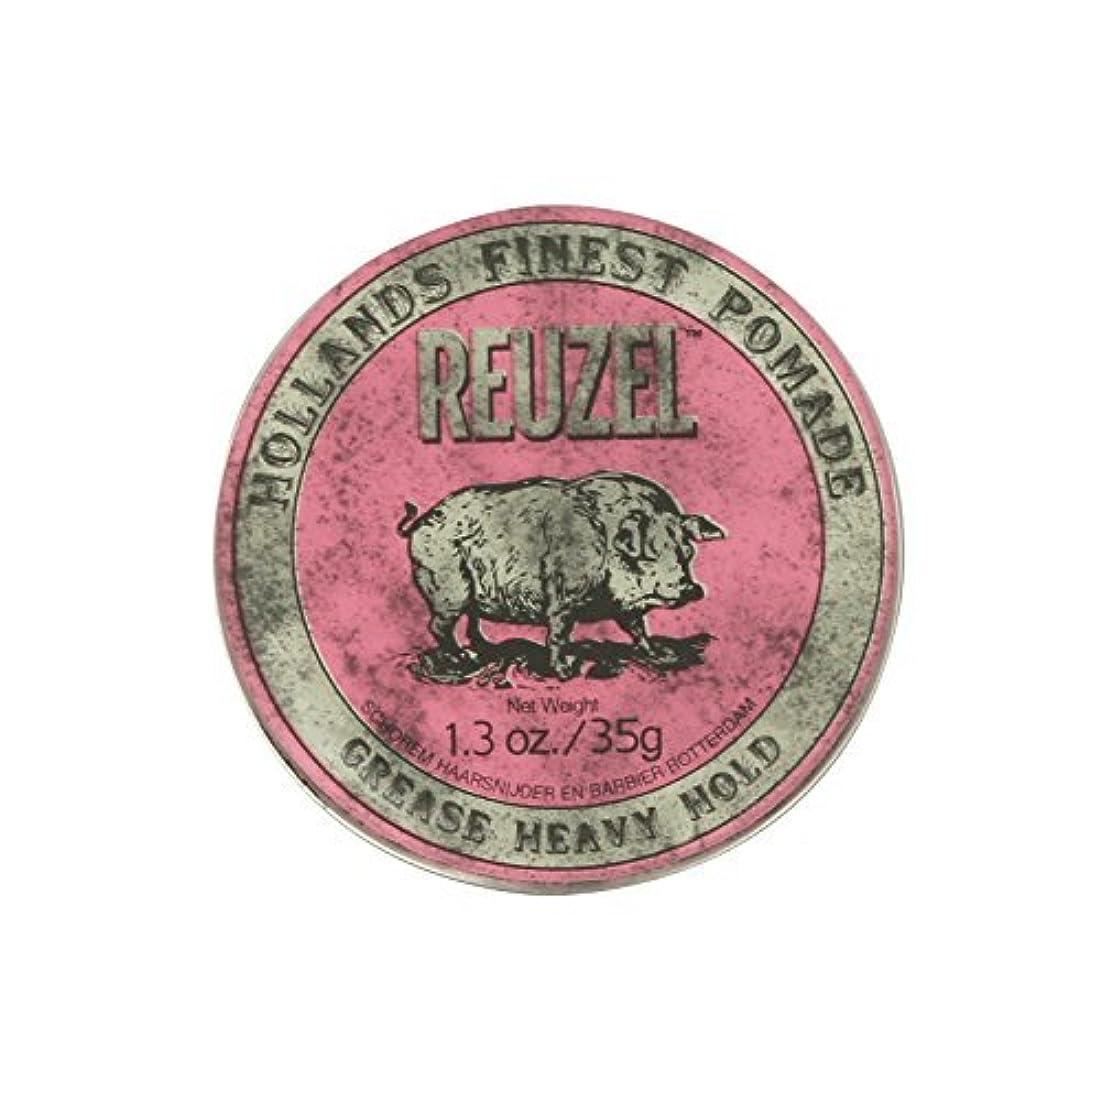 叫び声追記支援Reuzel Pink Grease Heavy Hold Pomade Piglet 1.3oz by REUZEL [並行輸入品]